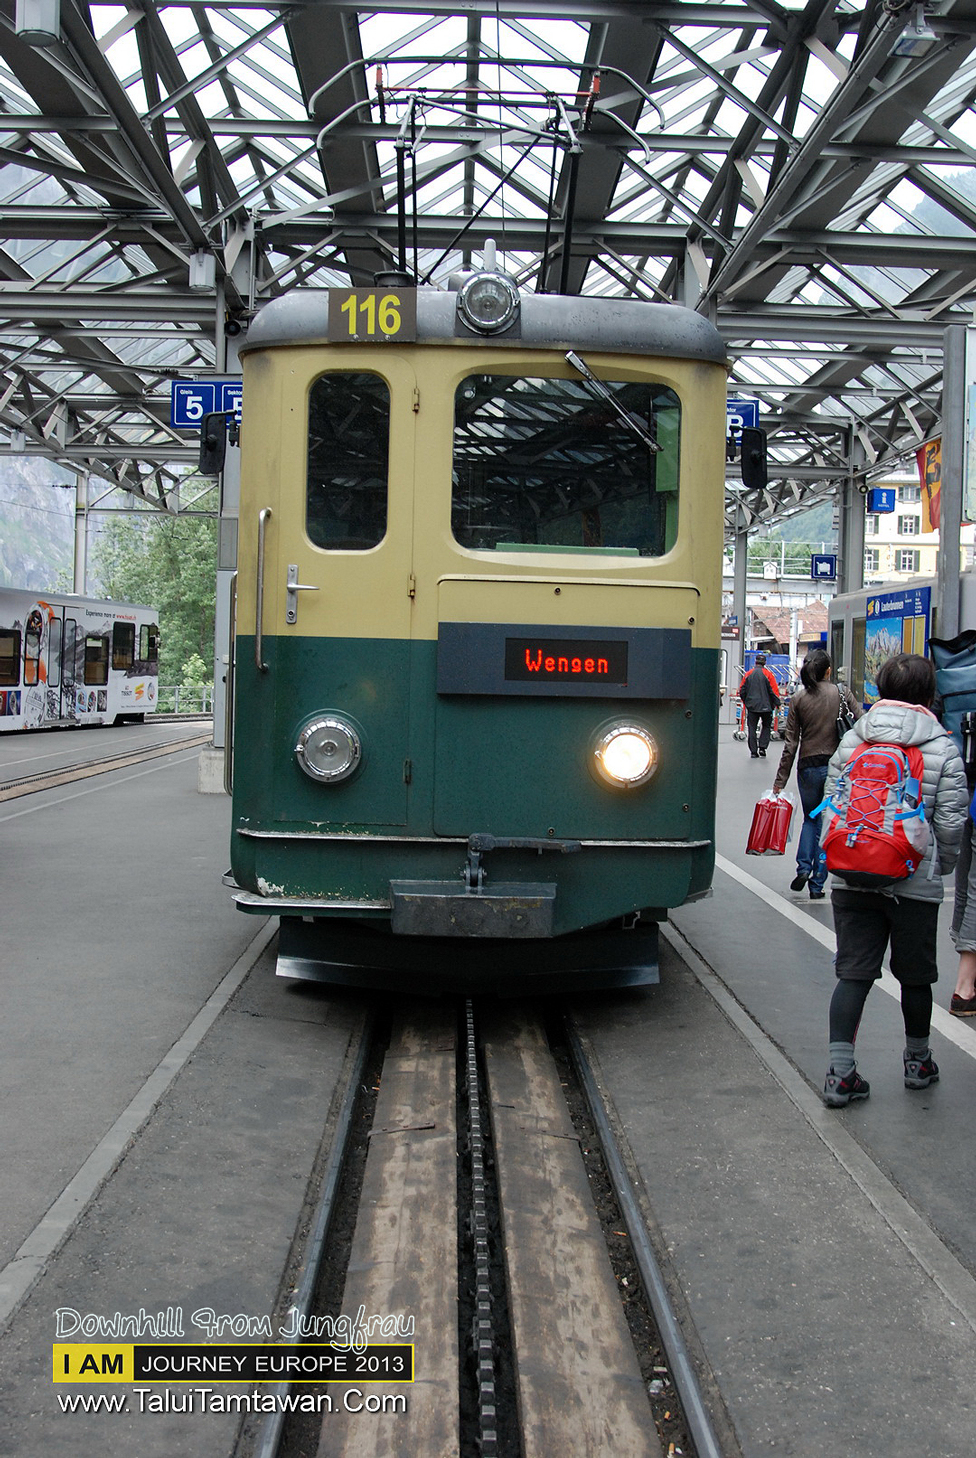 จาก Kleine Scheidegg ลงอีกด้านหนึ่งครับ เขาทำเส้นทางรถไฟเป็น one way ลงมาสุดสาย ก่อน ต่อ อีกขบวน ลงกลับไป Interaken ครับ